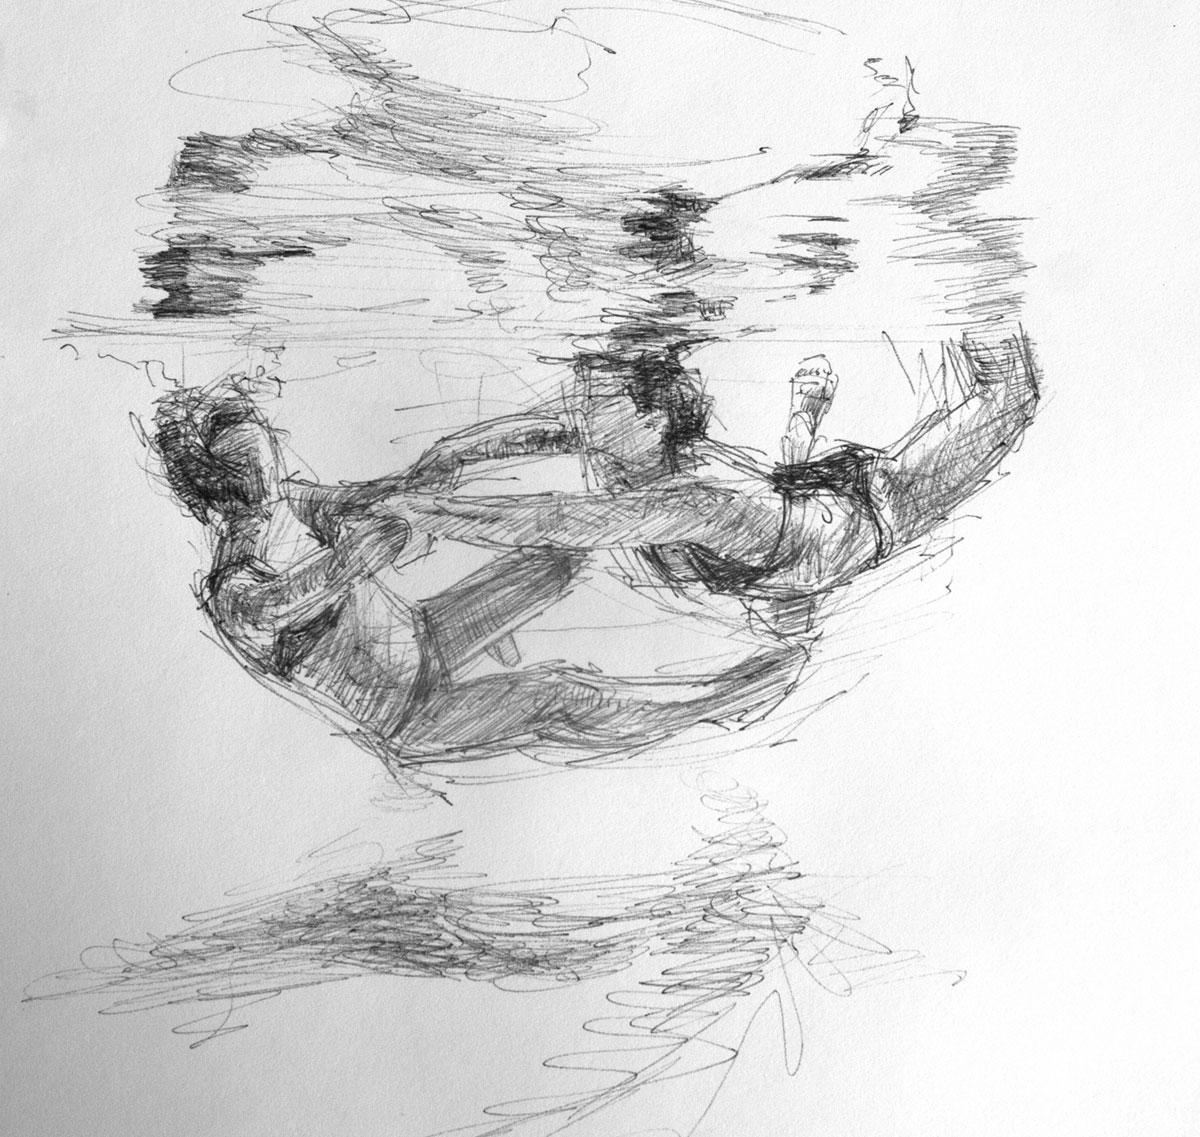 Poirier-Mozzone-underwater-scenes-Alliance-Step1-ArtistsNetwork